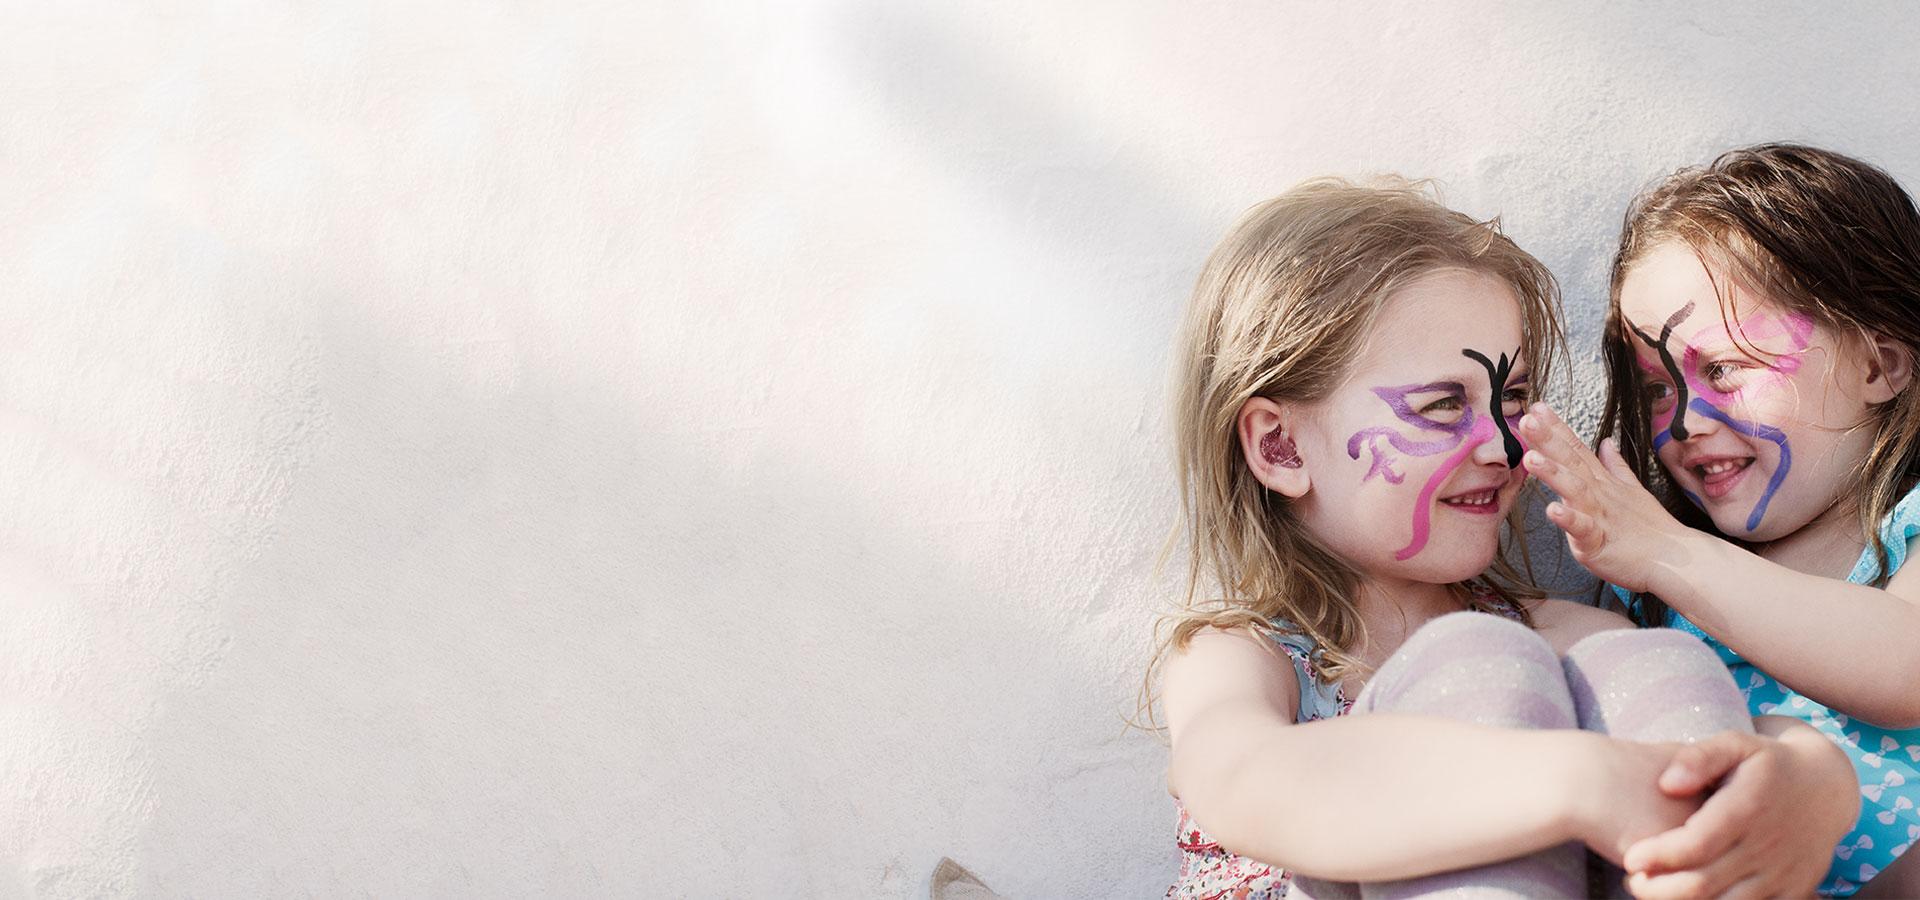 deux petits filles s'amusant avec du maquillage papillon sur le visage